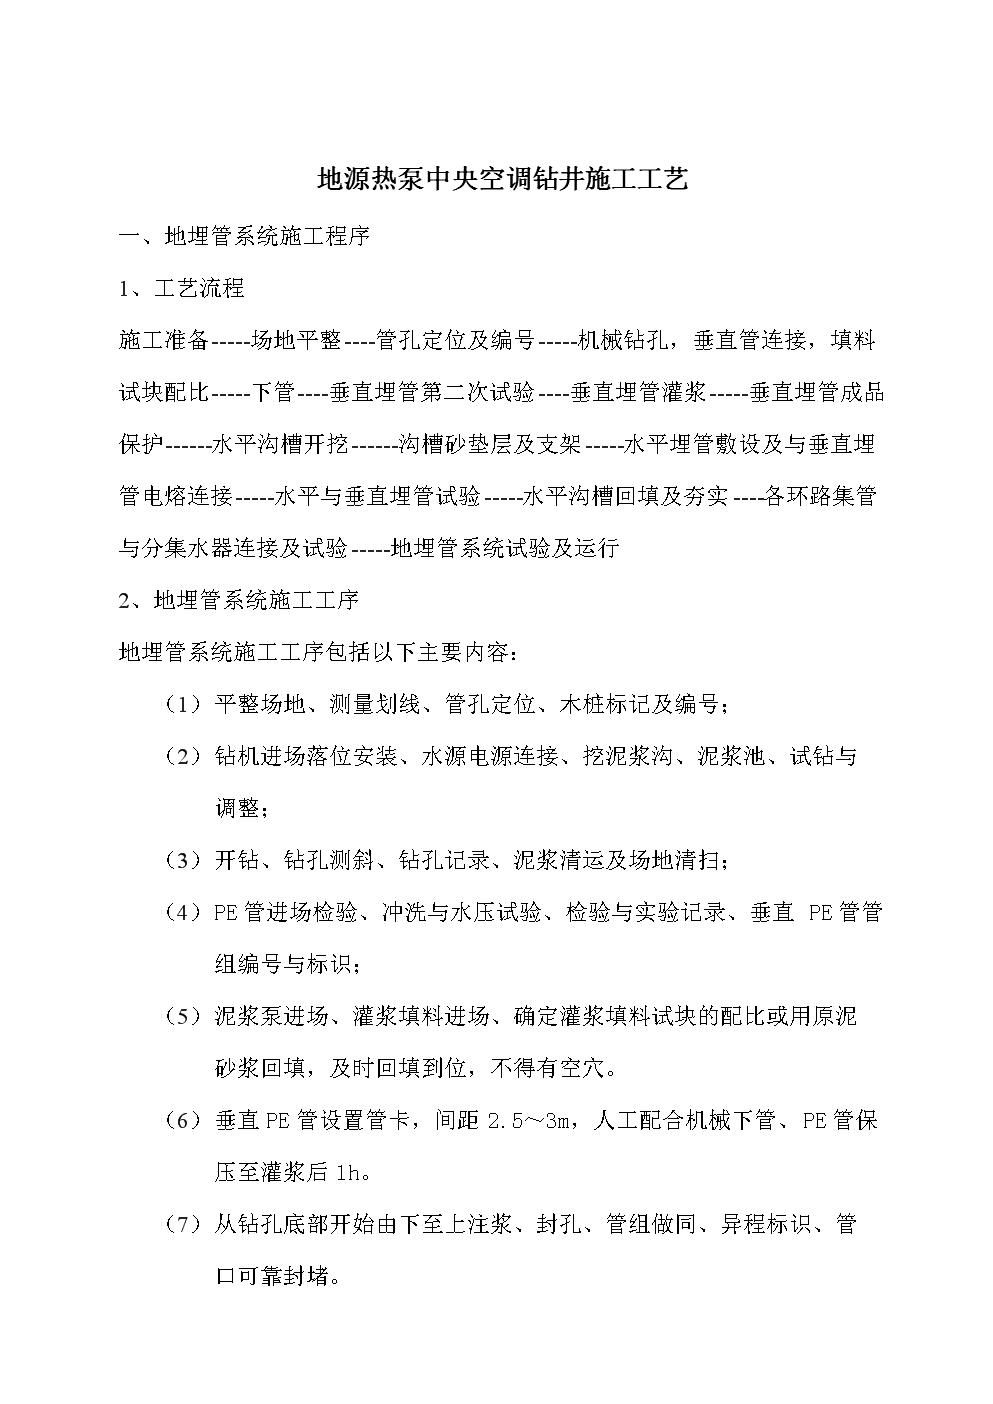 地源热泵中央空调钻井施工工艺-完整篇.doc